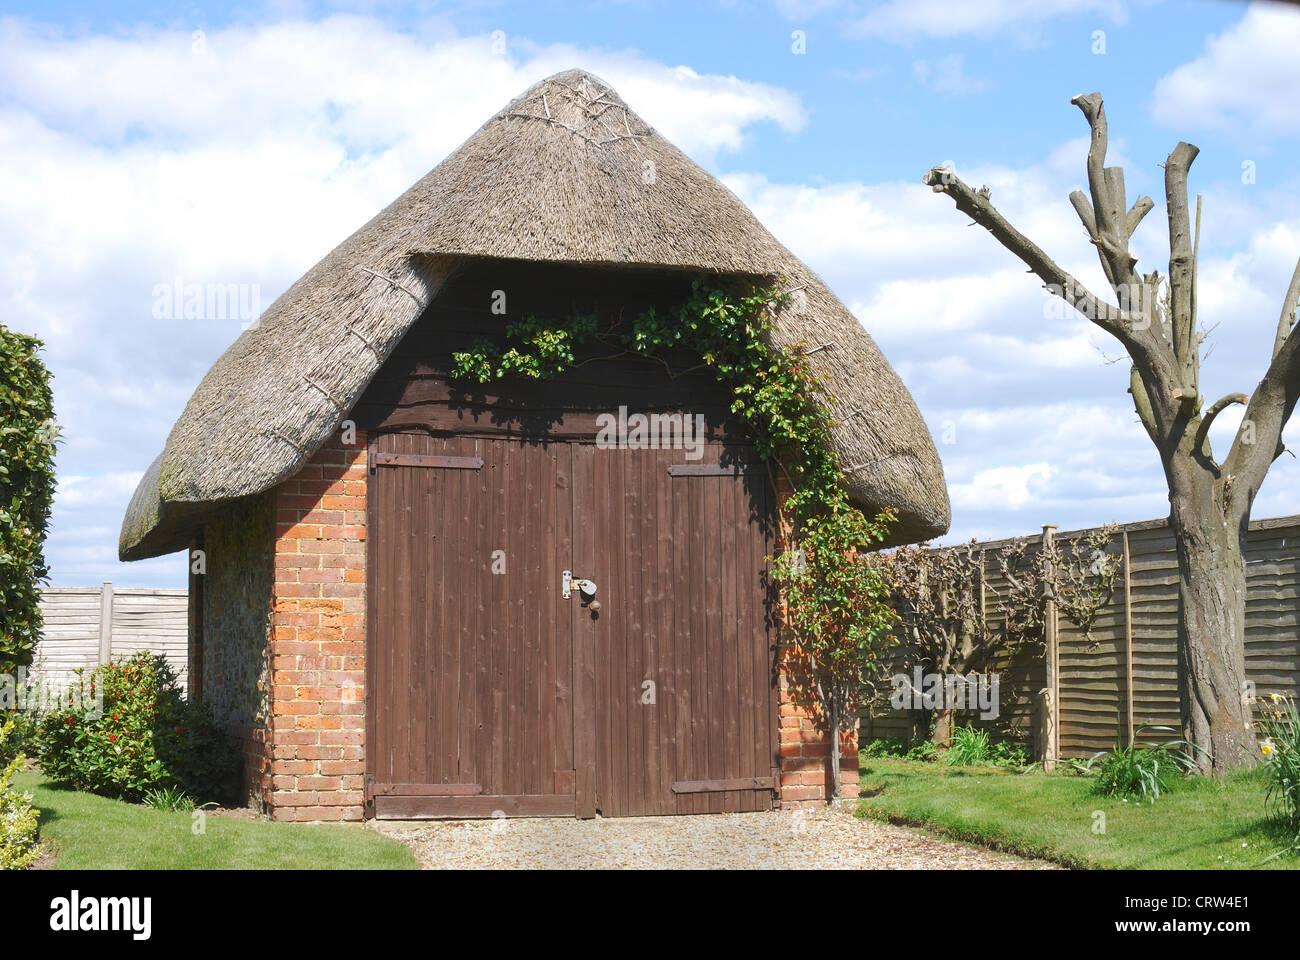 Good In Der Nähe Von Bognor Regis, Ziegel Und Stein Garage Mit Strohdach. West  Sussex